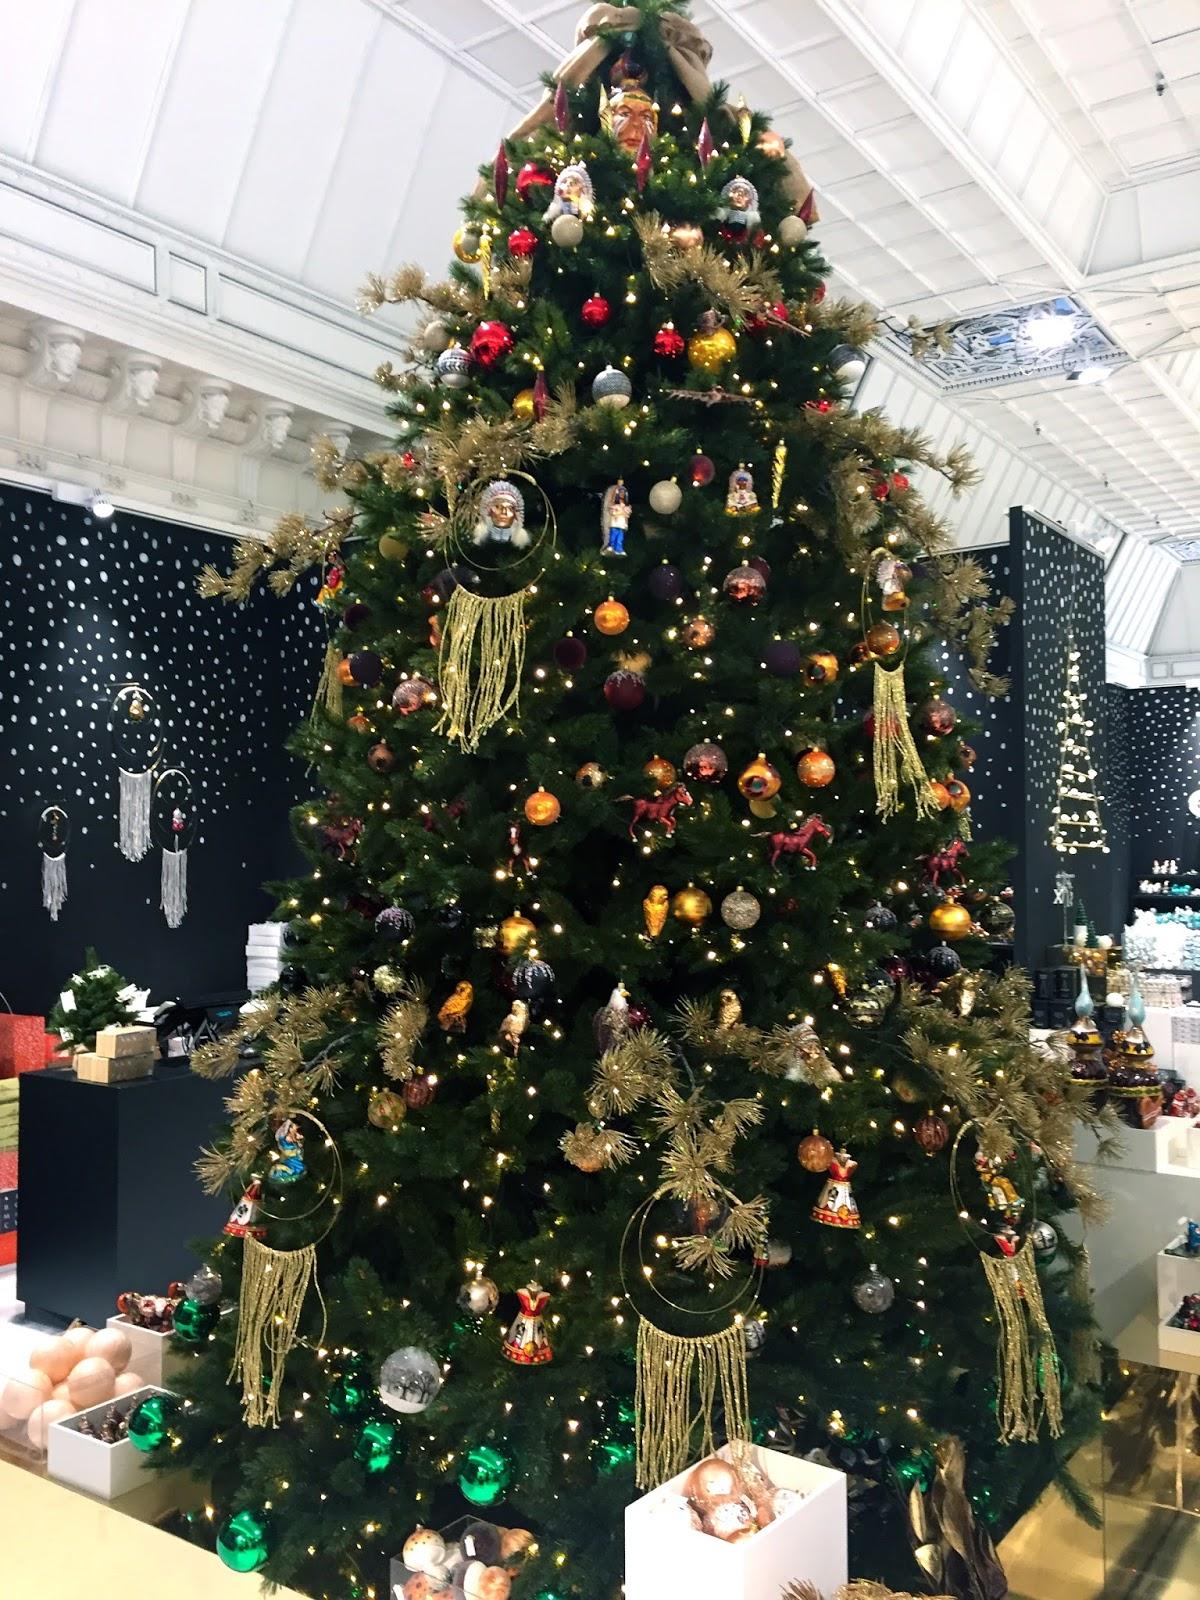 #9B6530 Esther à Paris: Christmas Decoration 5347 décorations de noel bon marché 1200x1600 px @ aertt.com